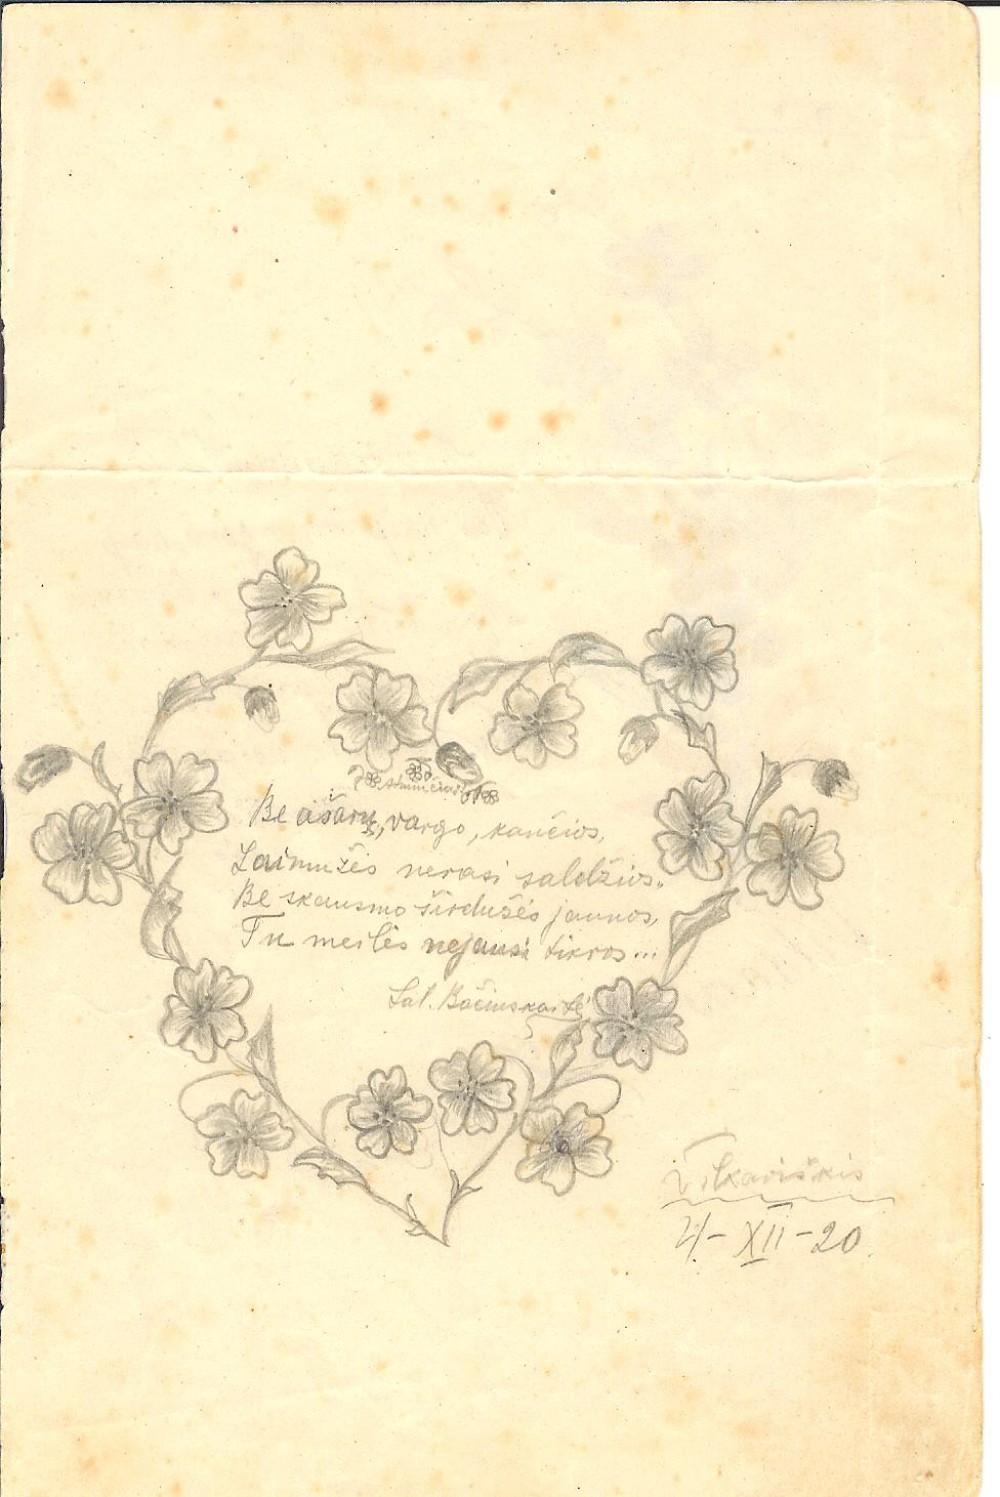 Pirmasis žinomas S. Bačinskaitės ketureilis ir jos piešinys bendramokslės B. Bulvičiūtės mokykliniame albumėlyje. 1920 m. gruodžio 4 d.